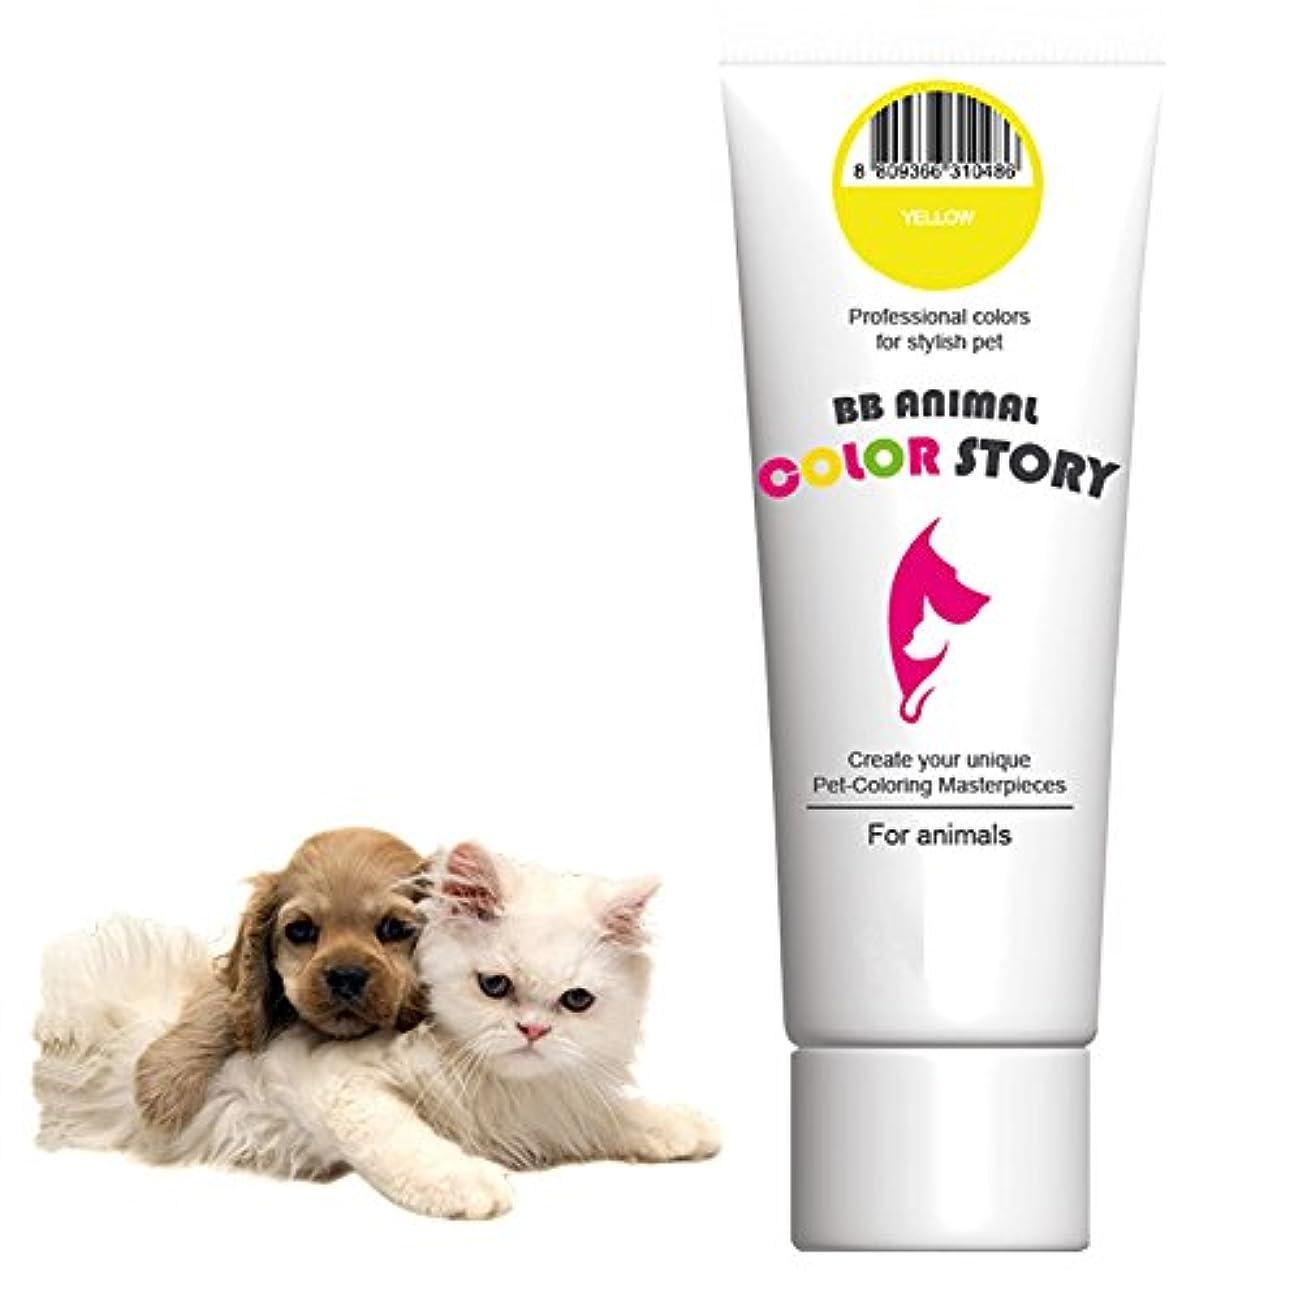 ハドル中間買い手毛染め, 犬ヘアダイ Yellow カラーリング Dog Hair Hair Bleach Dye Hair Coloring Professional Colors for Stylish Pet 50ml 並行輸入